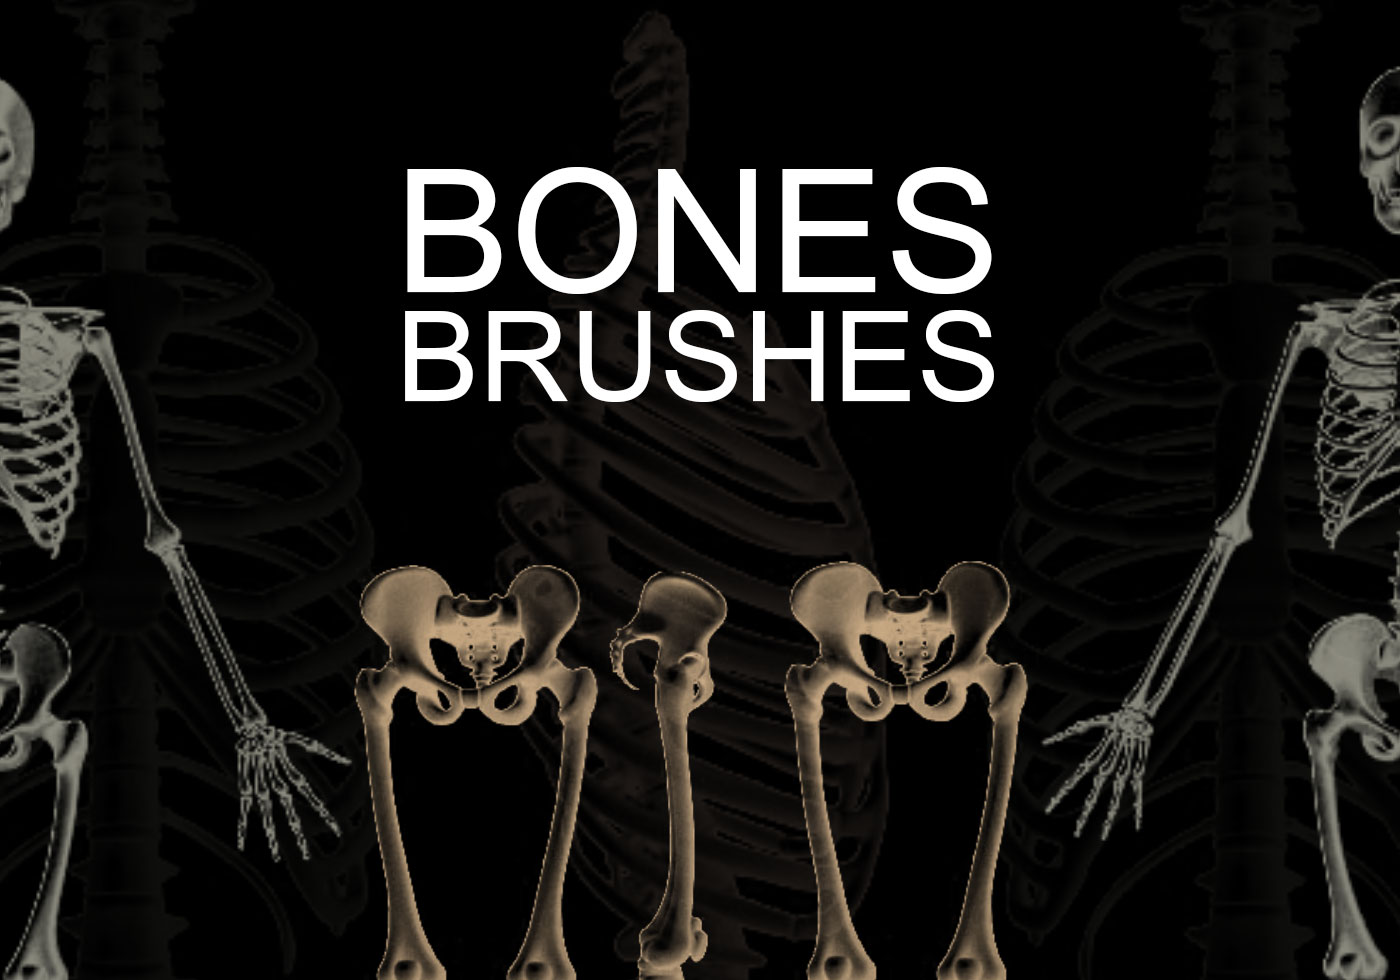 Bones-photoshop-brushes